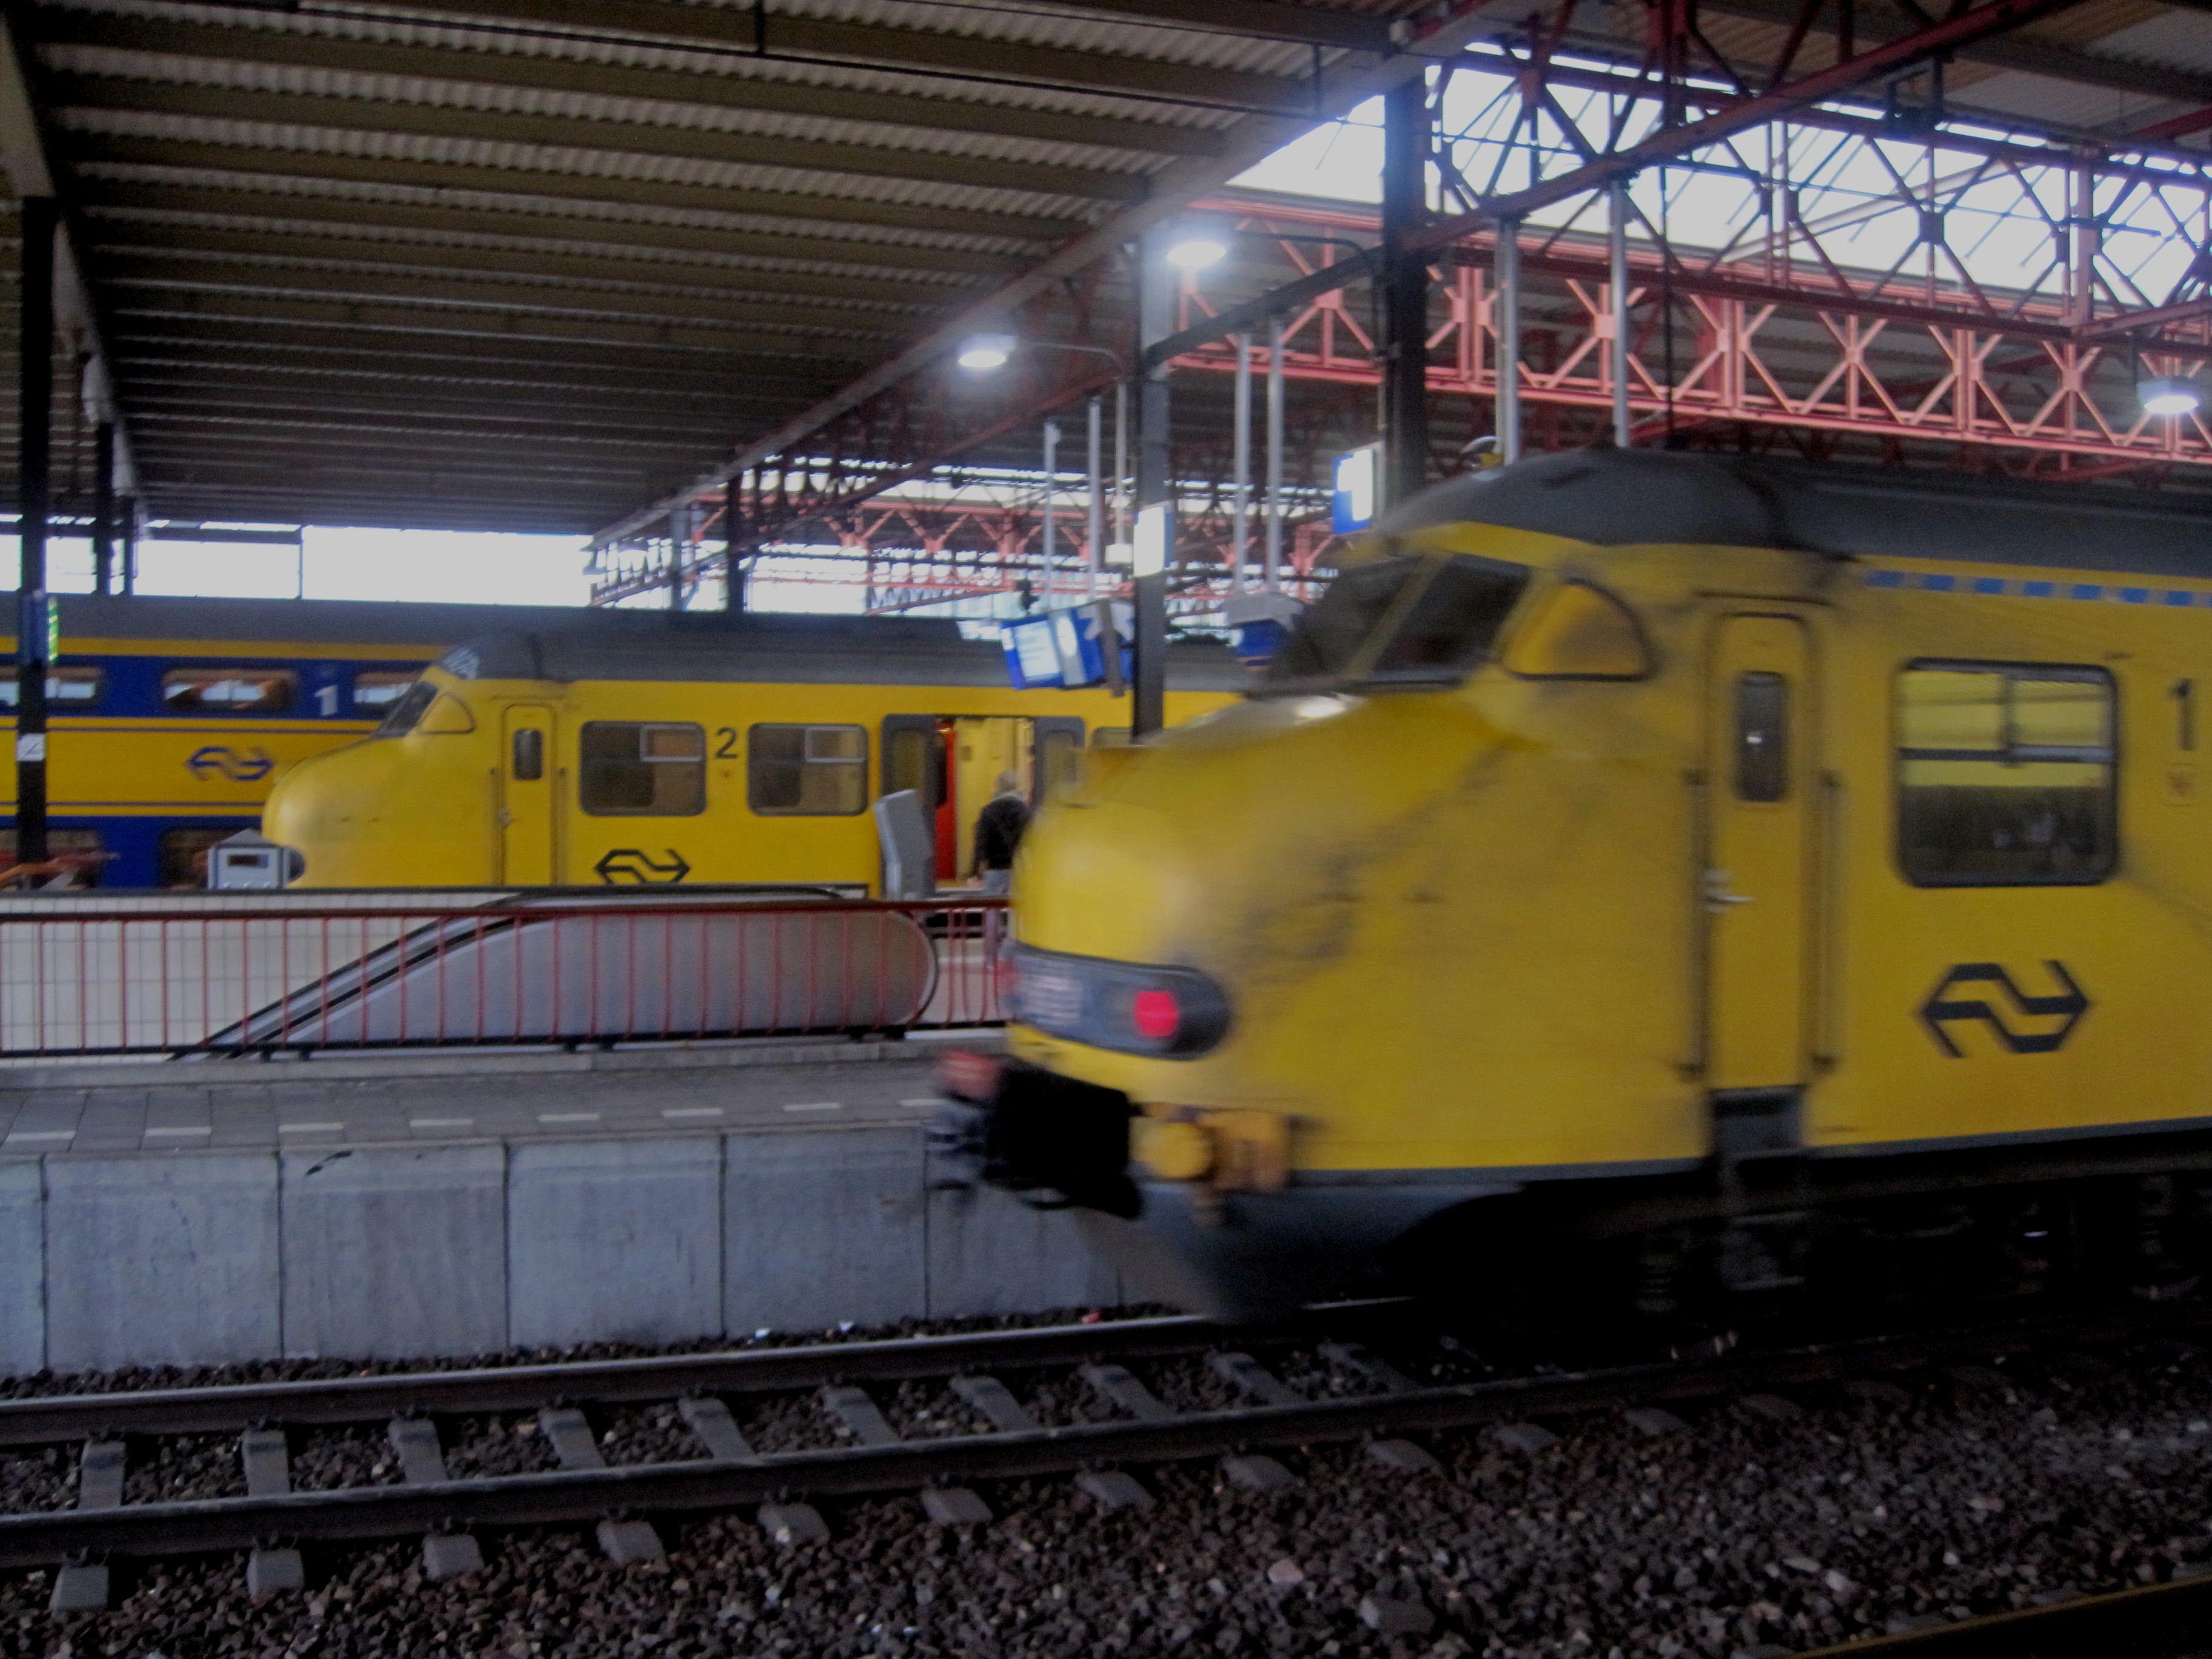 Plan-V at Eindhoven in 2011